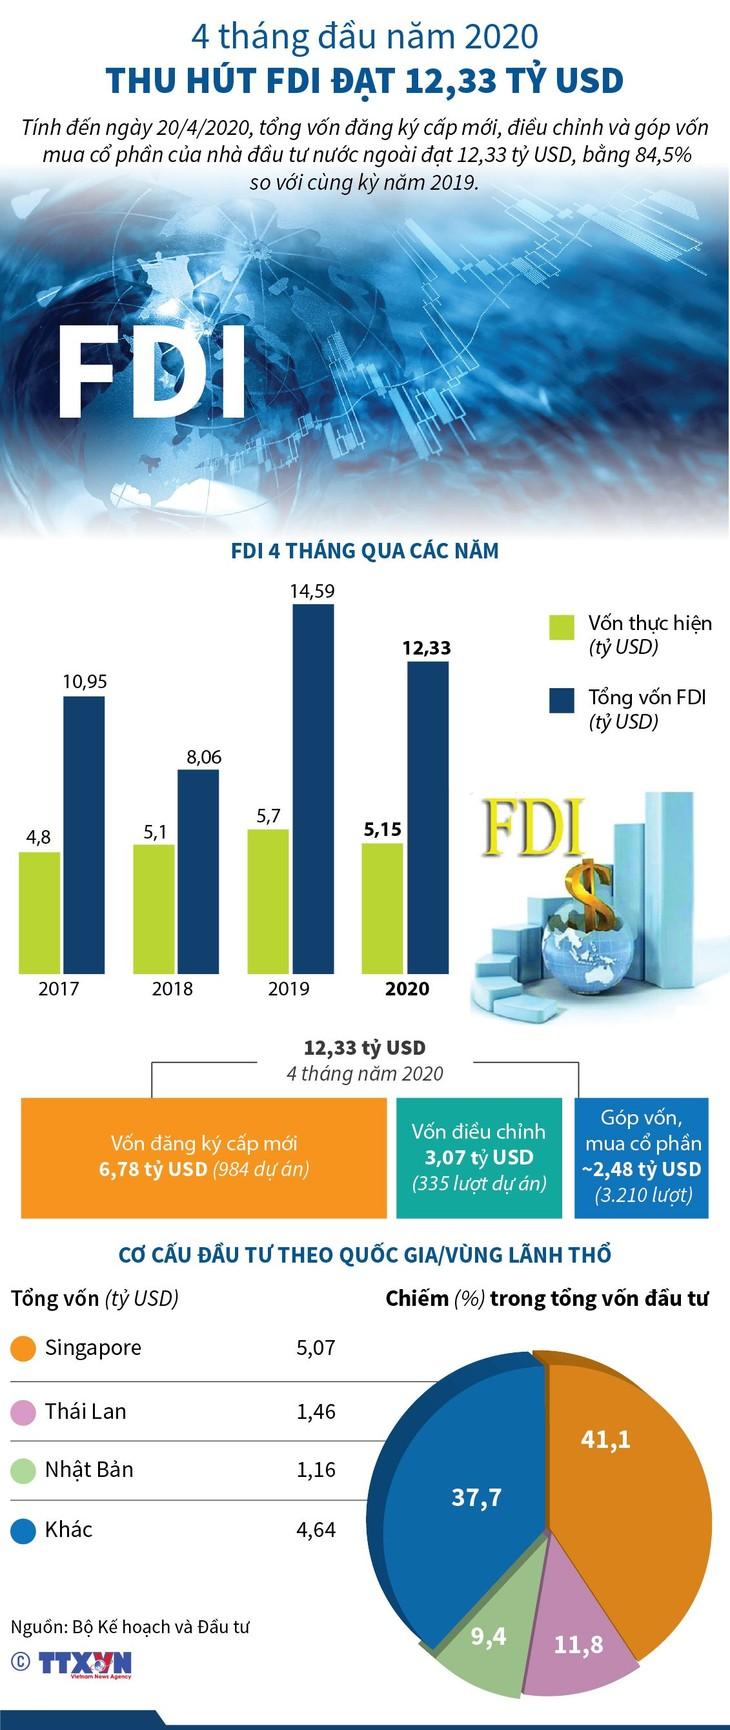 Международные СМИ: Вьетнамская экономика привлекательна для иностранных инвесторов после эпидемиологического кризиса - ảnh 1